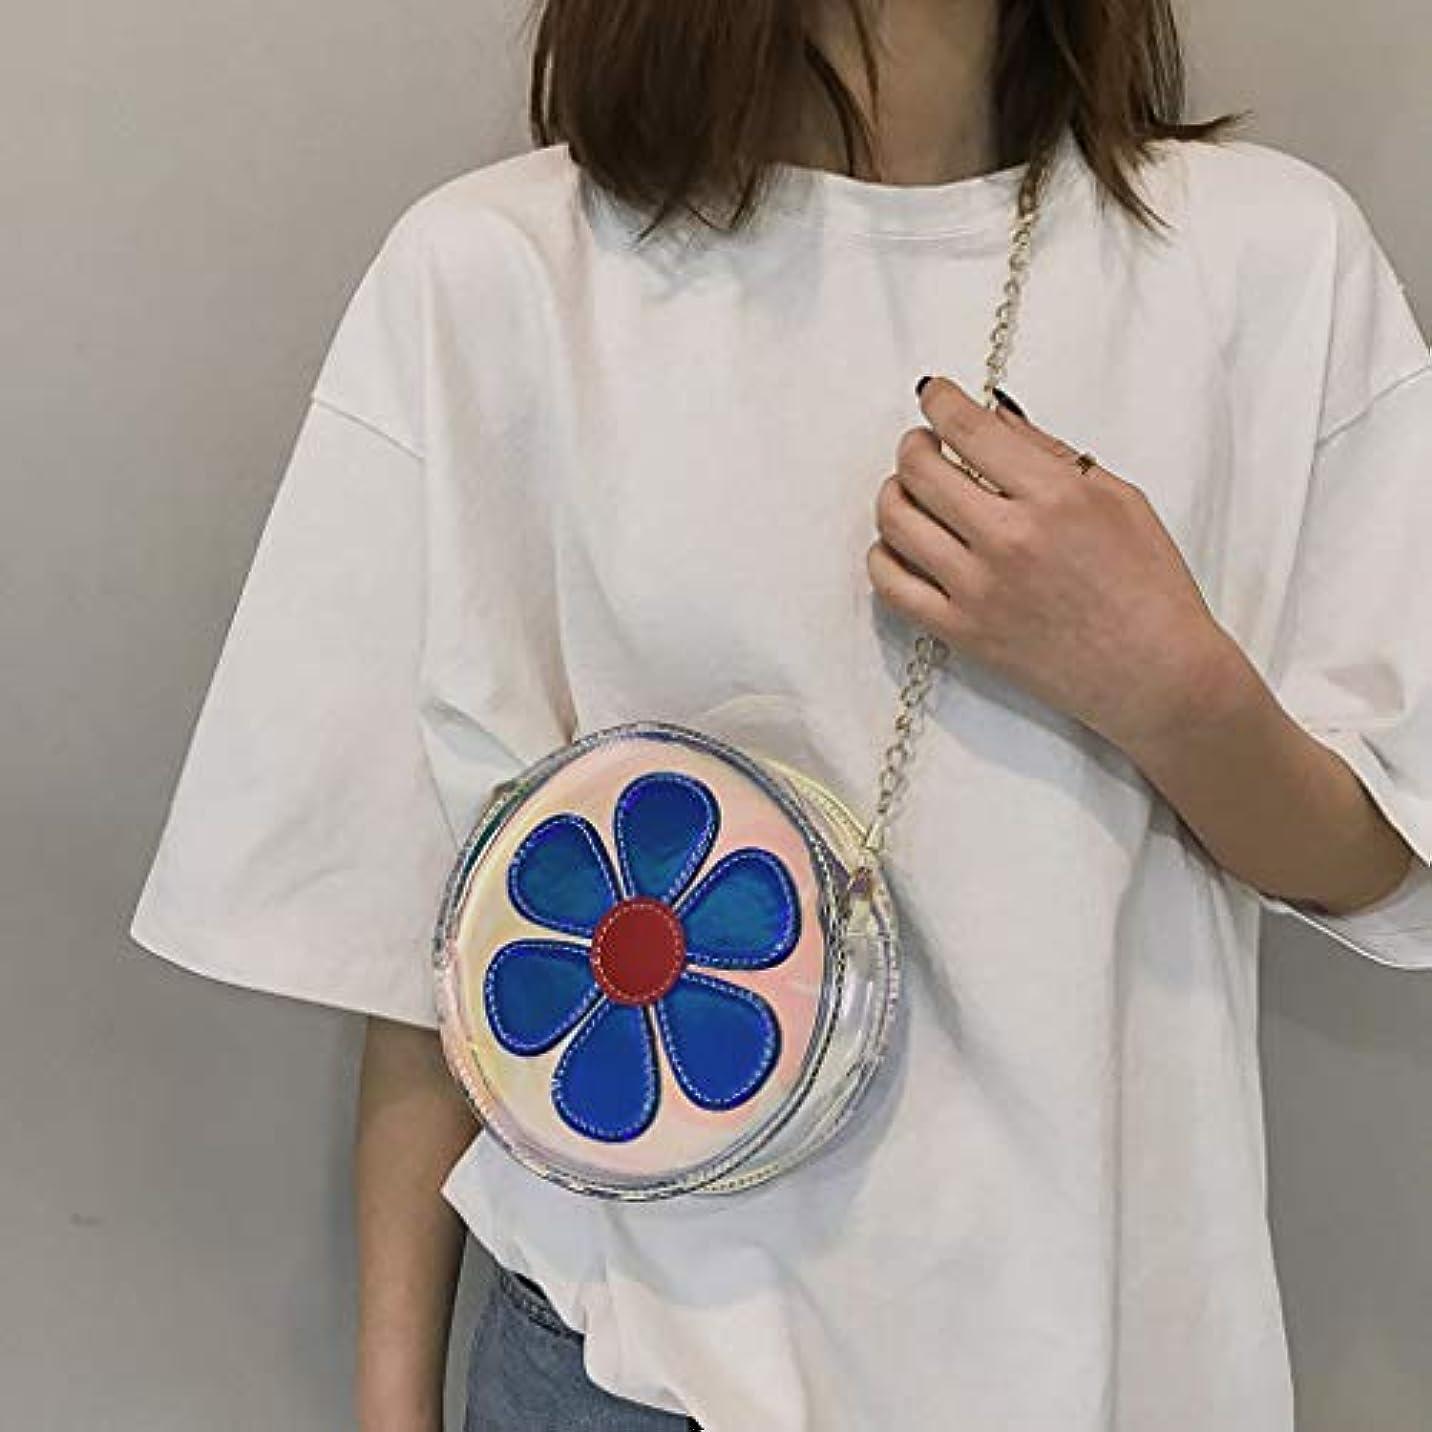 女性カジュアル野生透明花かわいいショルダーバッグメッセンジャーバッグ、ファッション女性透明レーザーフラワーショルダーバッグメッセンジャーバッグ (ブルー)